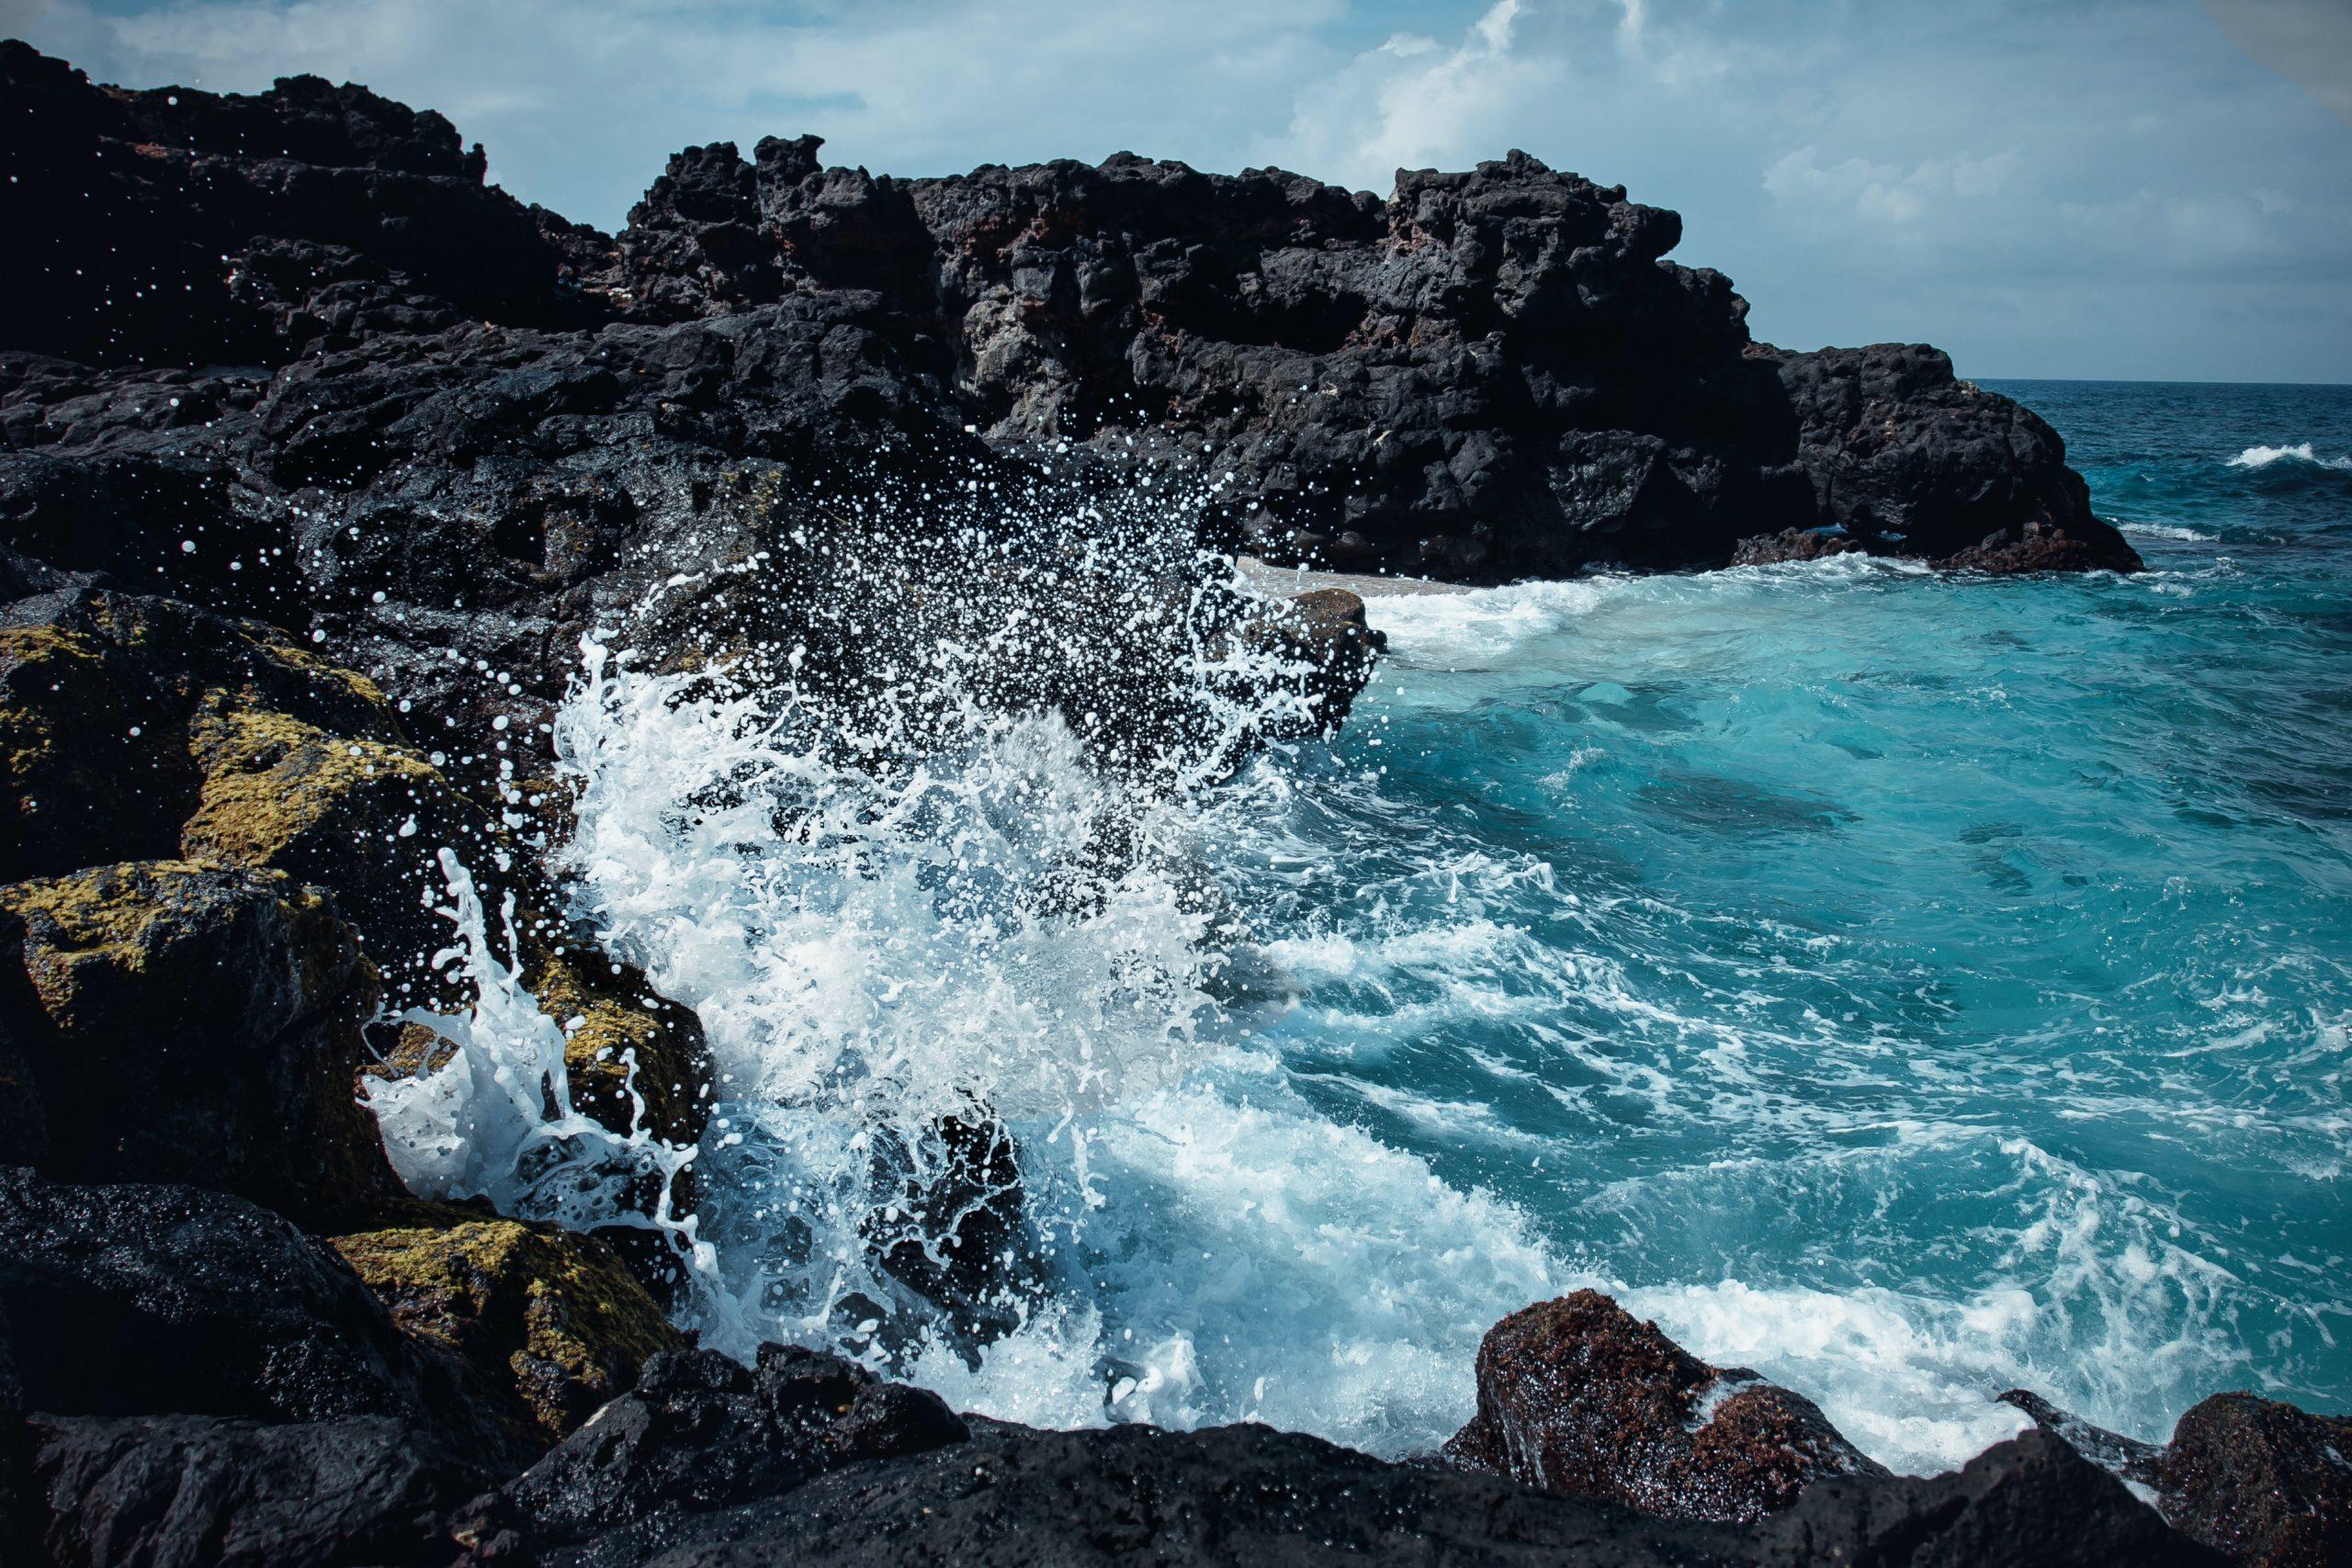 【知ってそうで知らない科学の話】海はなぜ塩辛いのか?